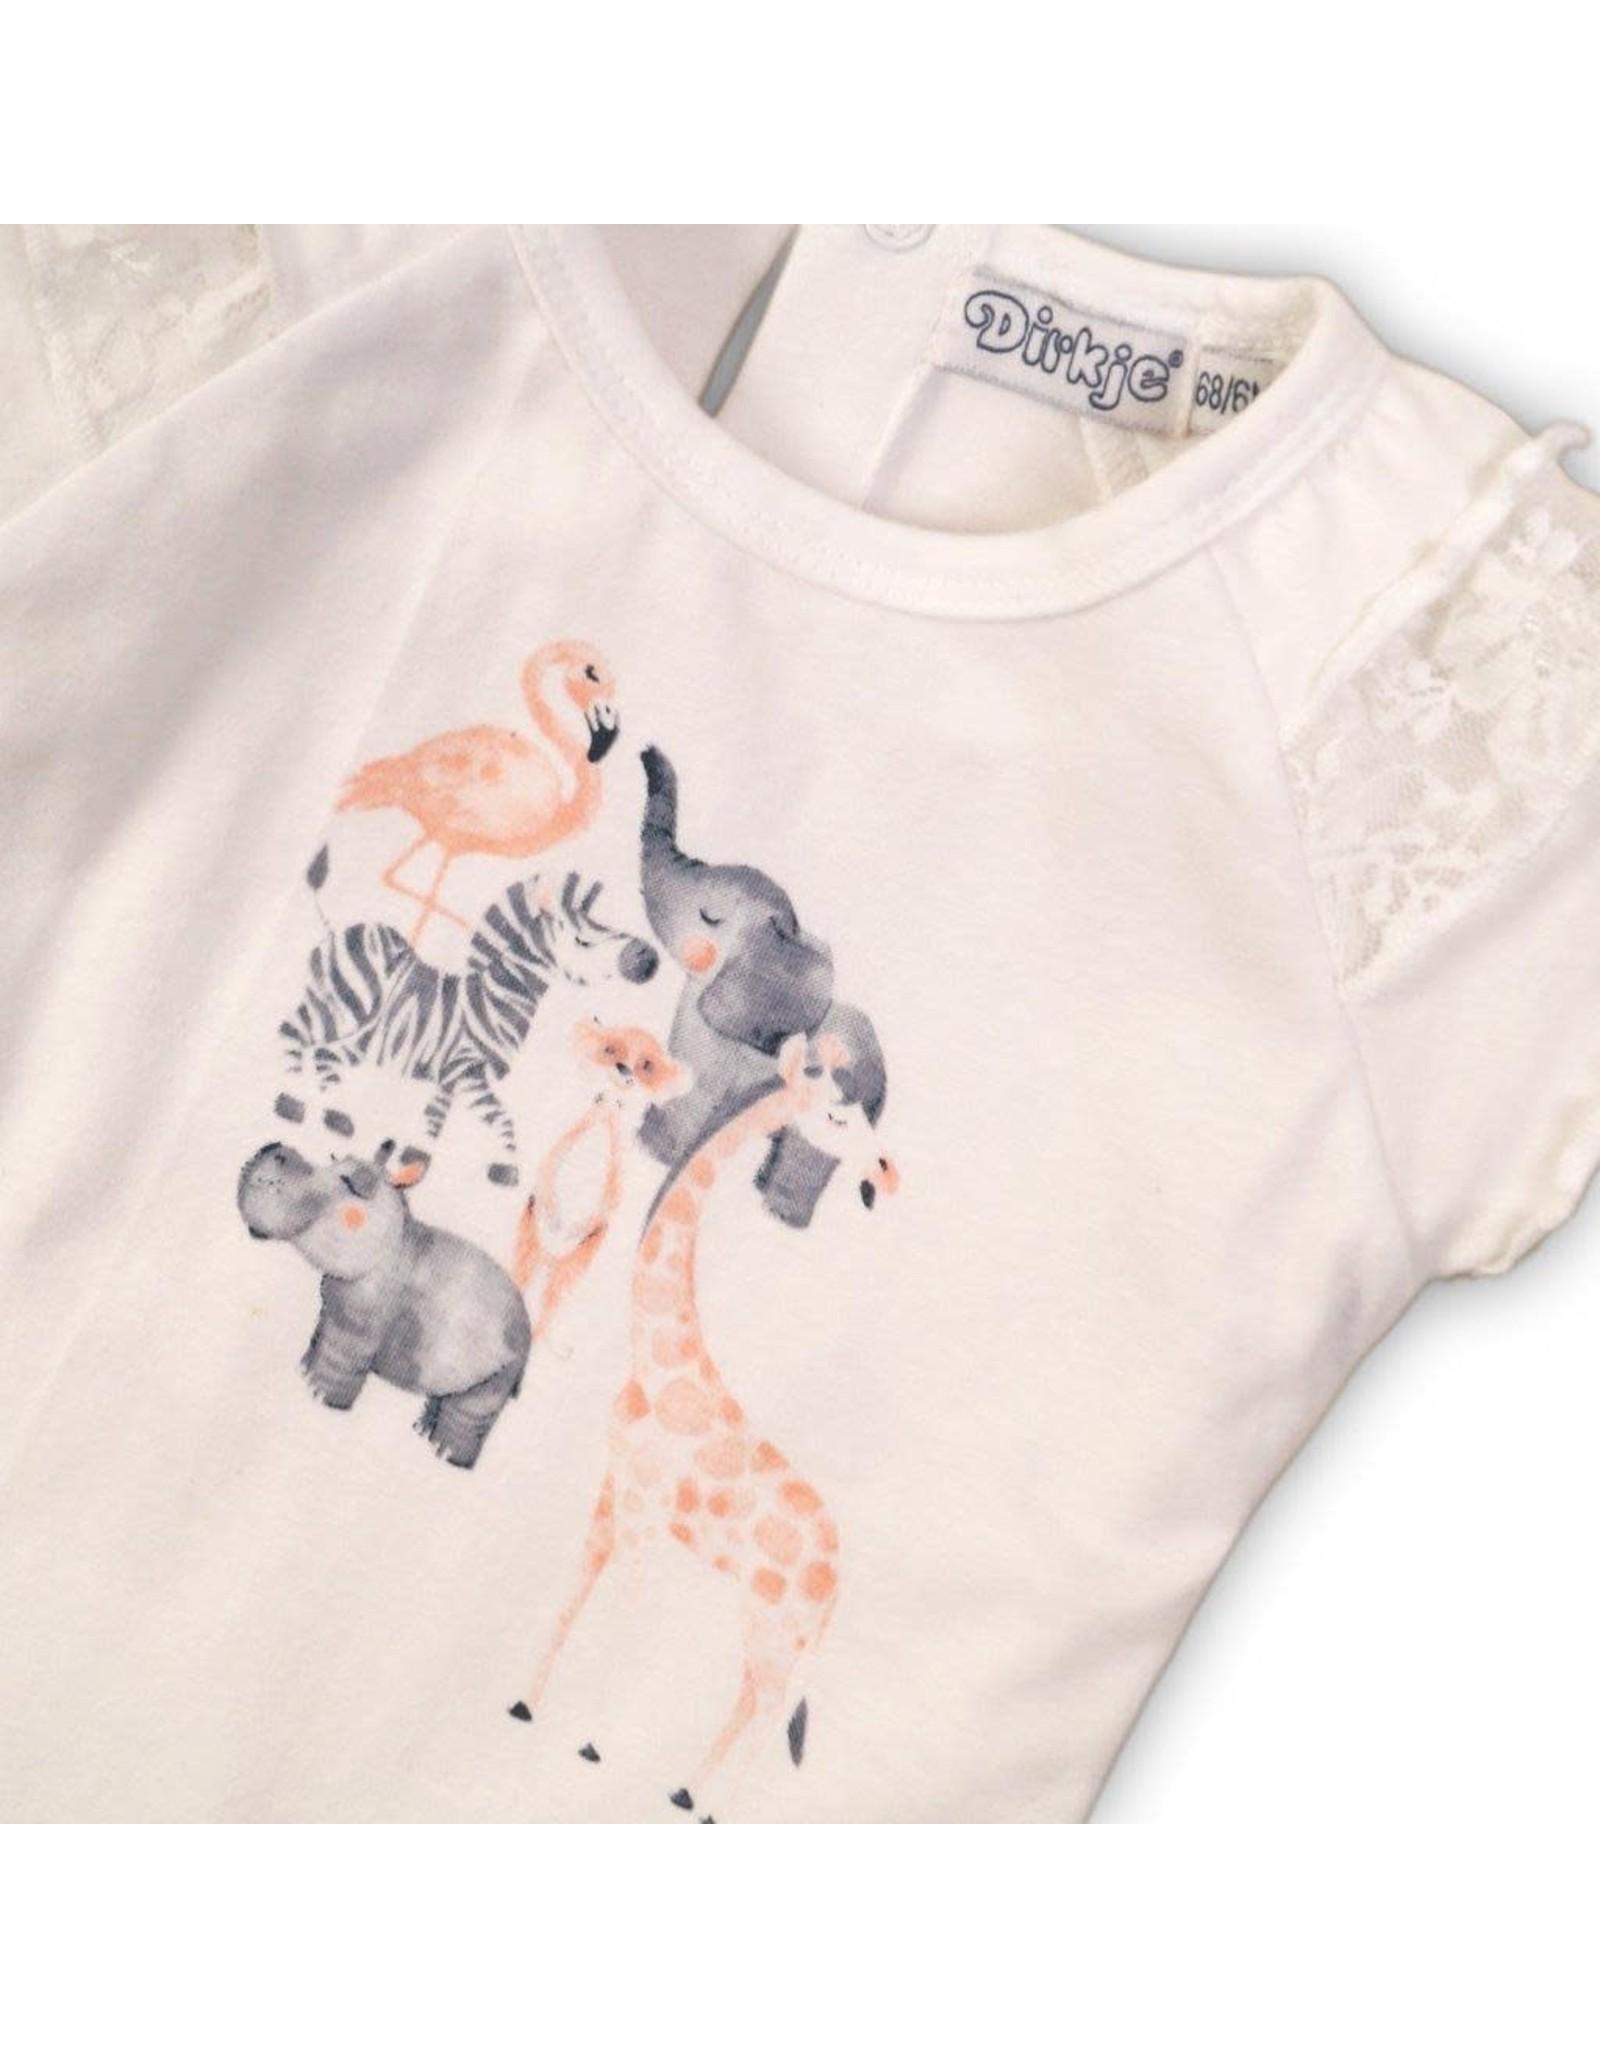 Dirkje Dirkje baby meisjes t-shirt Animals White